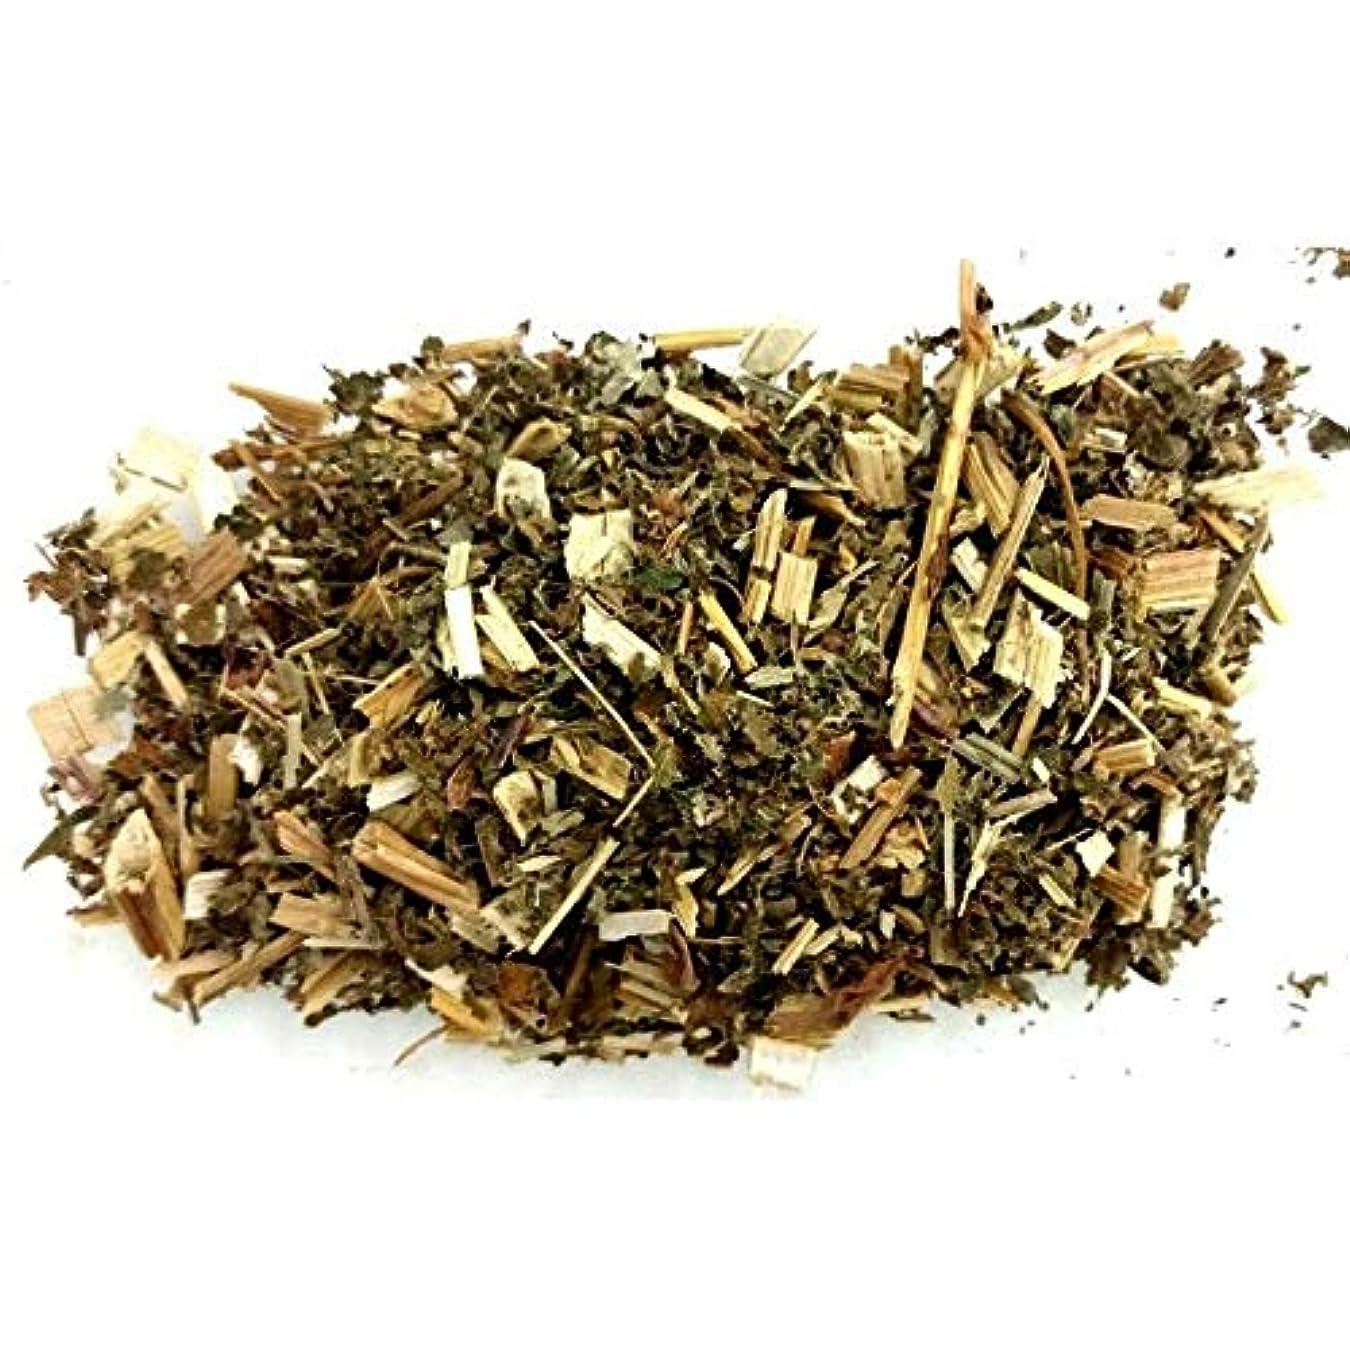 午後やさしい暴君種子パッケージ:甘い香り-Incense Magikal Seedion儀式ウィッカパガンゴス